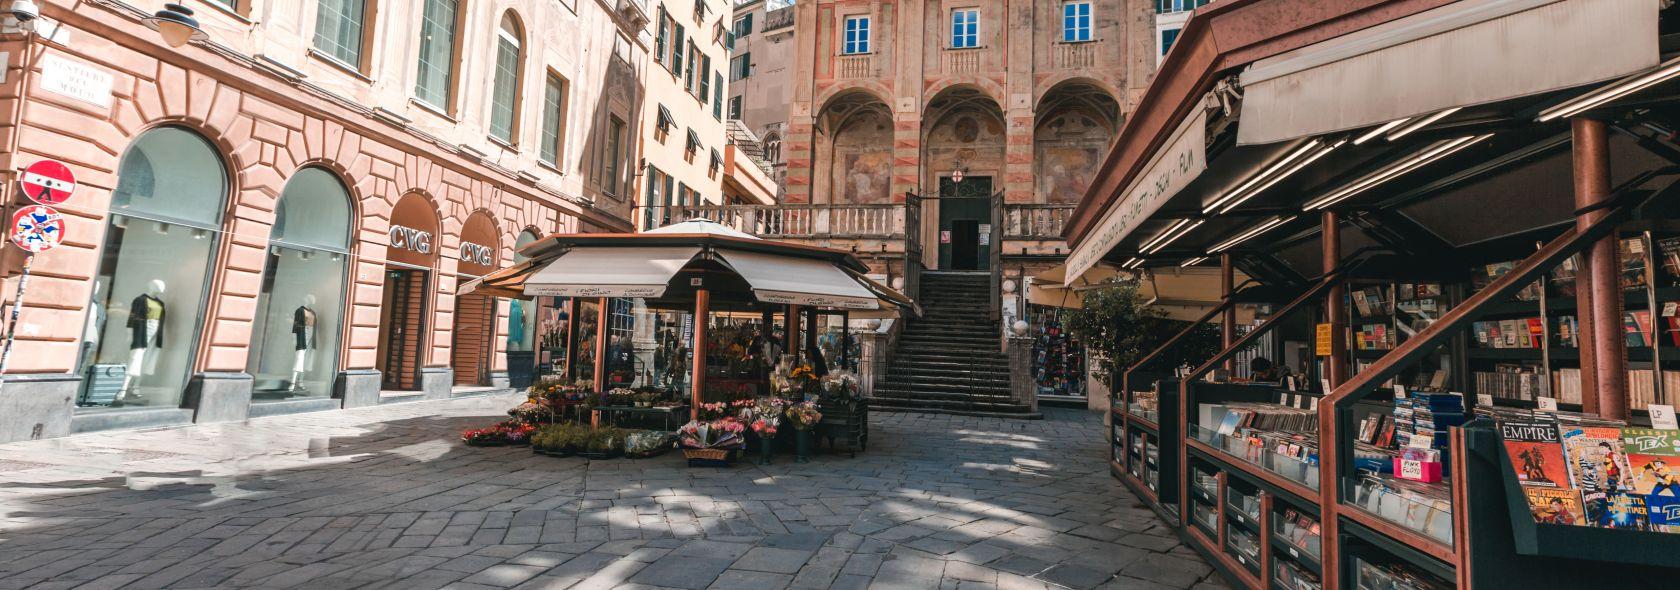 piazza Banchi landing 2